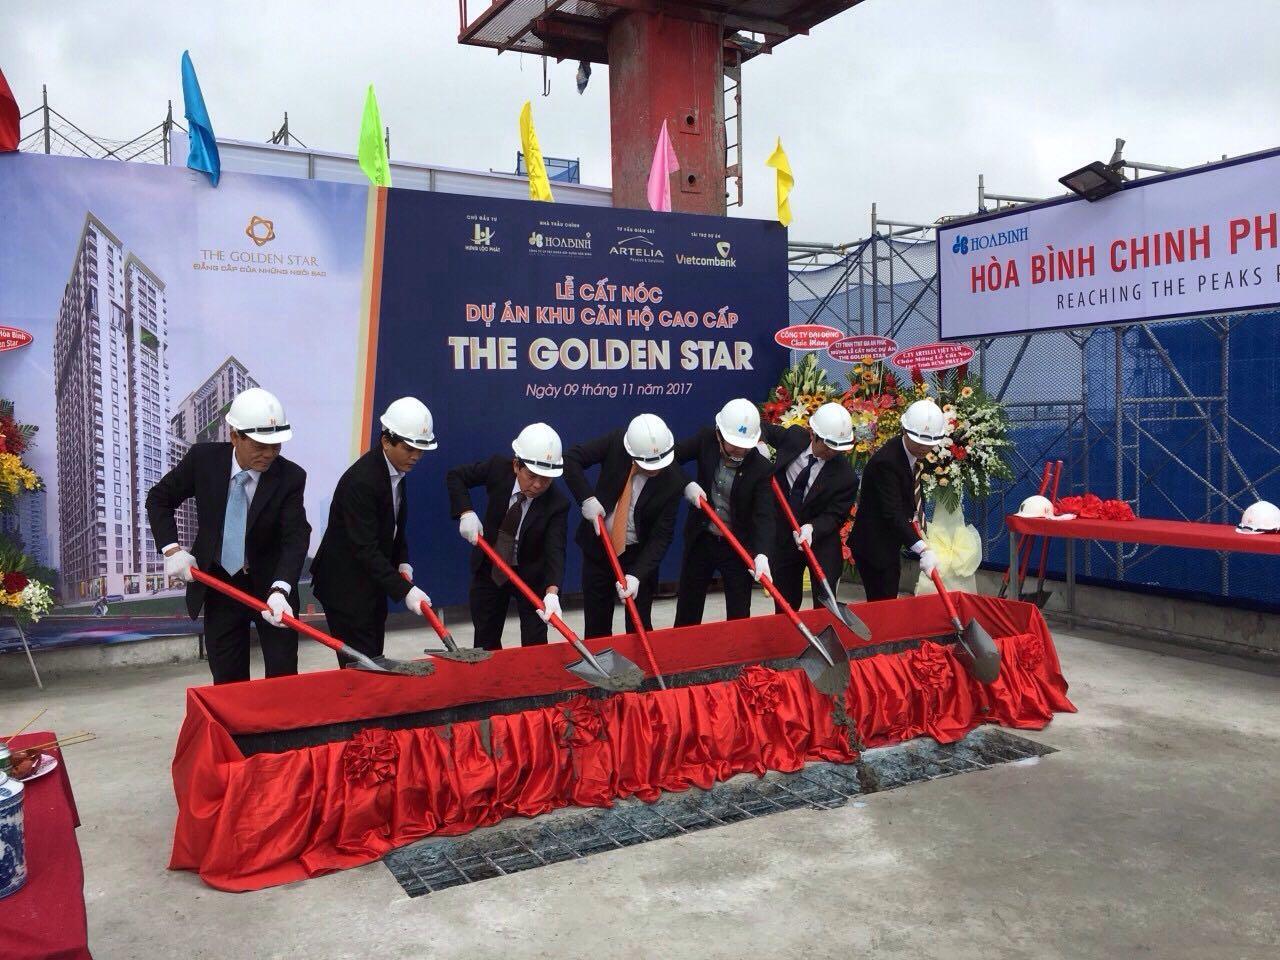 Dự án The Golden Star thi công vượt tiến độ - Ảnh 1.